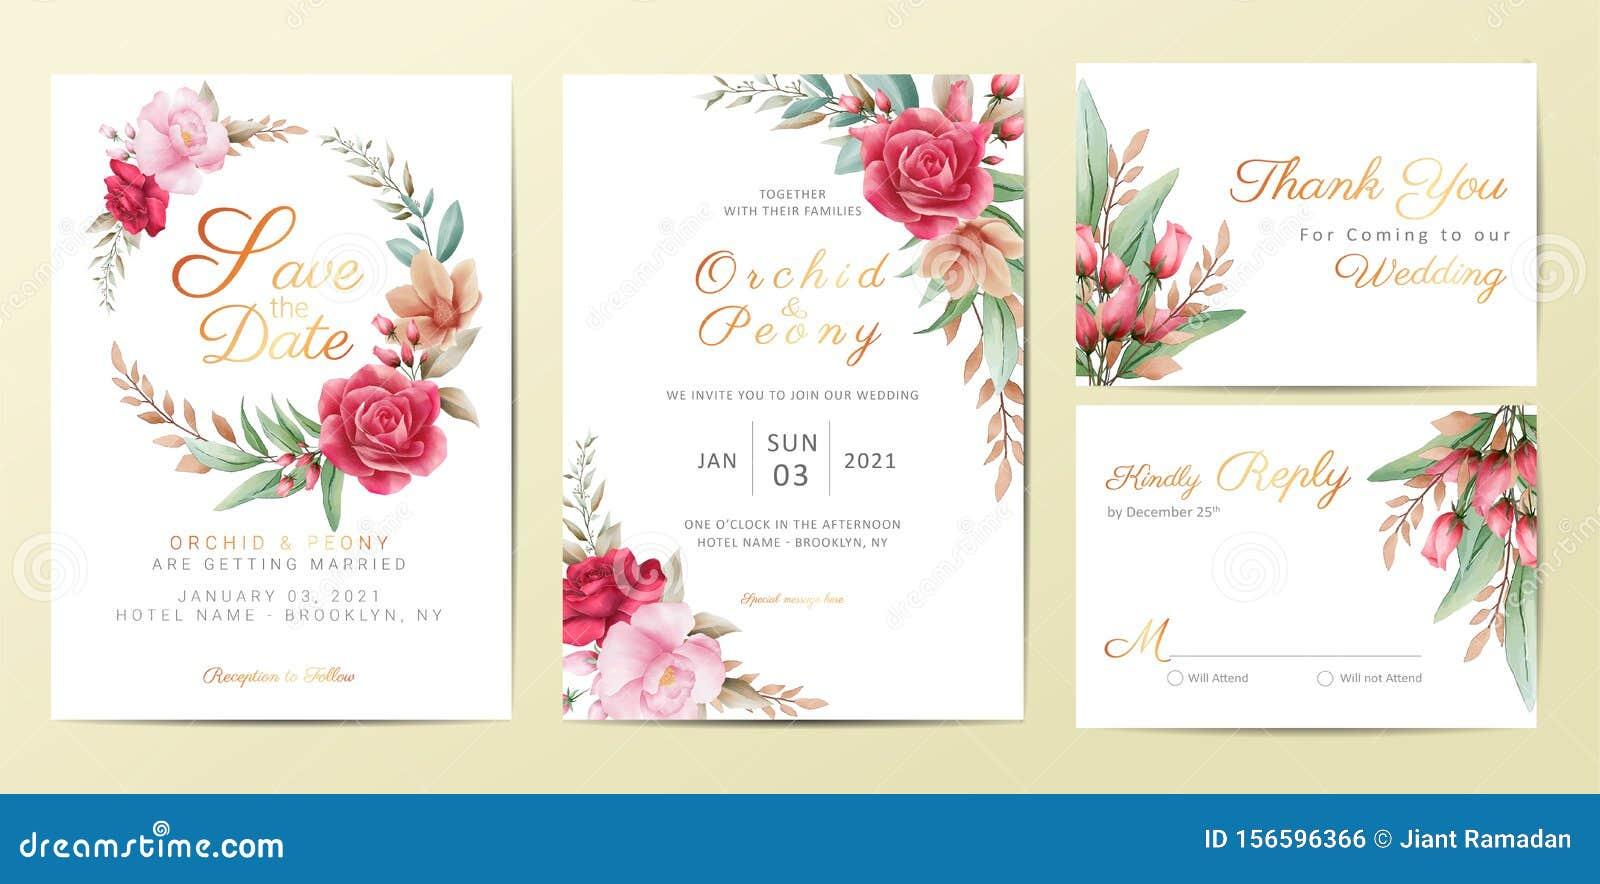 einladungskarten mit eleganten blumen. blumendekoration